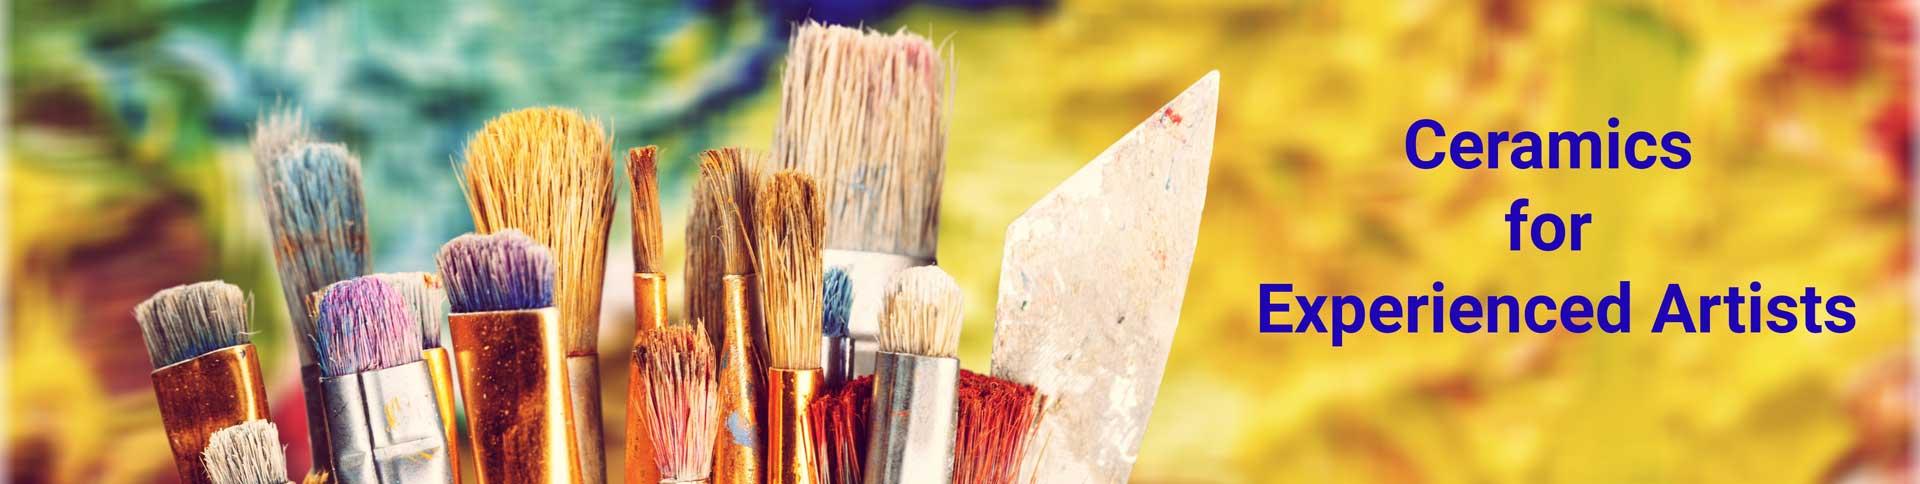 Kiama Ceramic Art Studio ceramics for artists